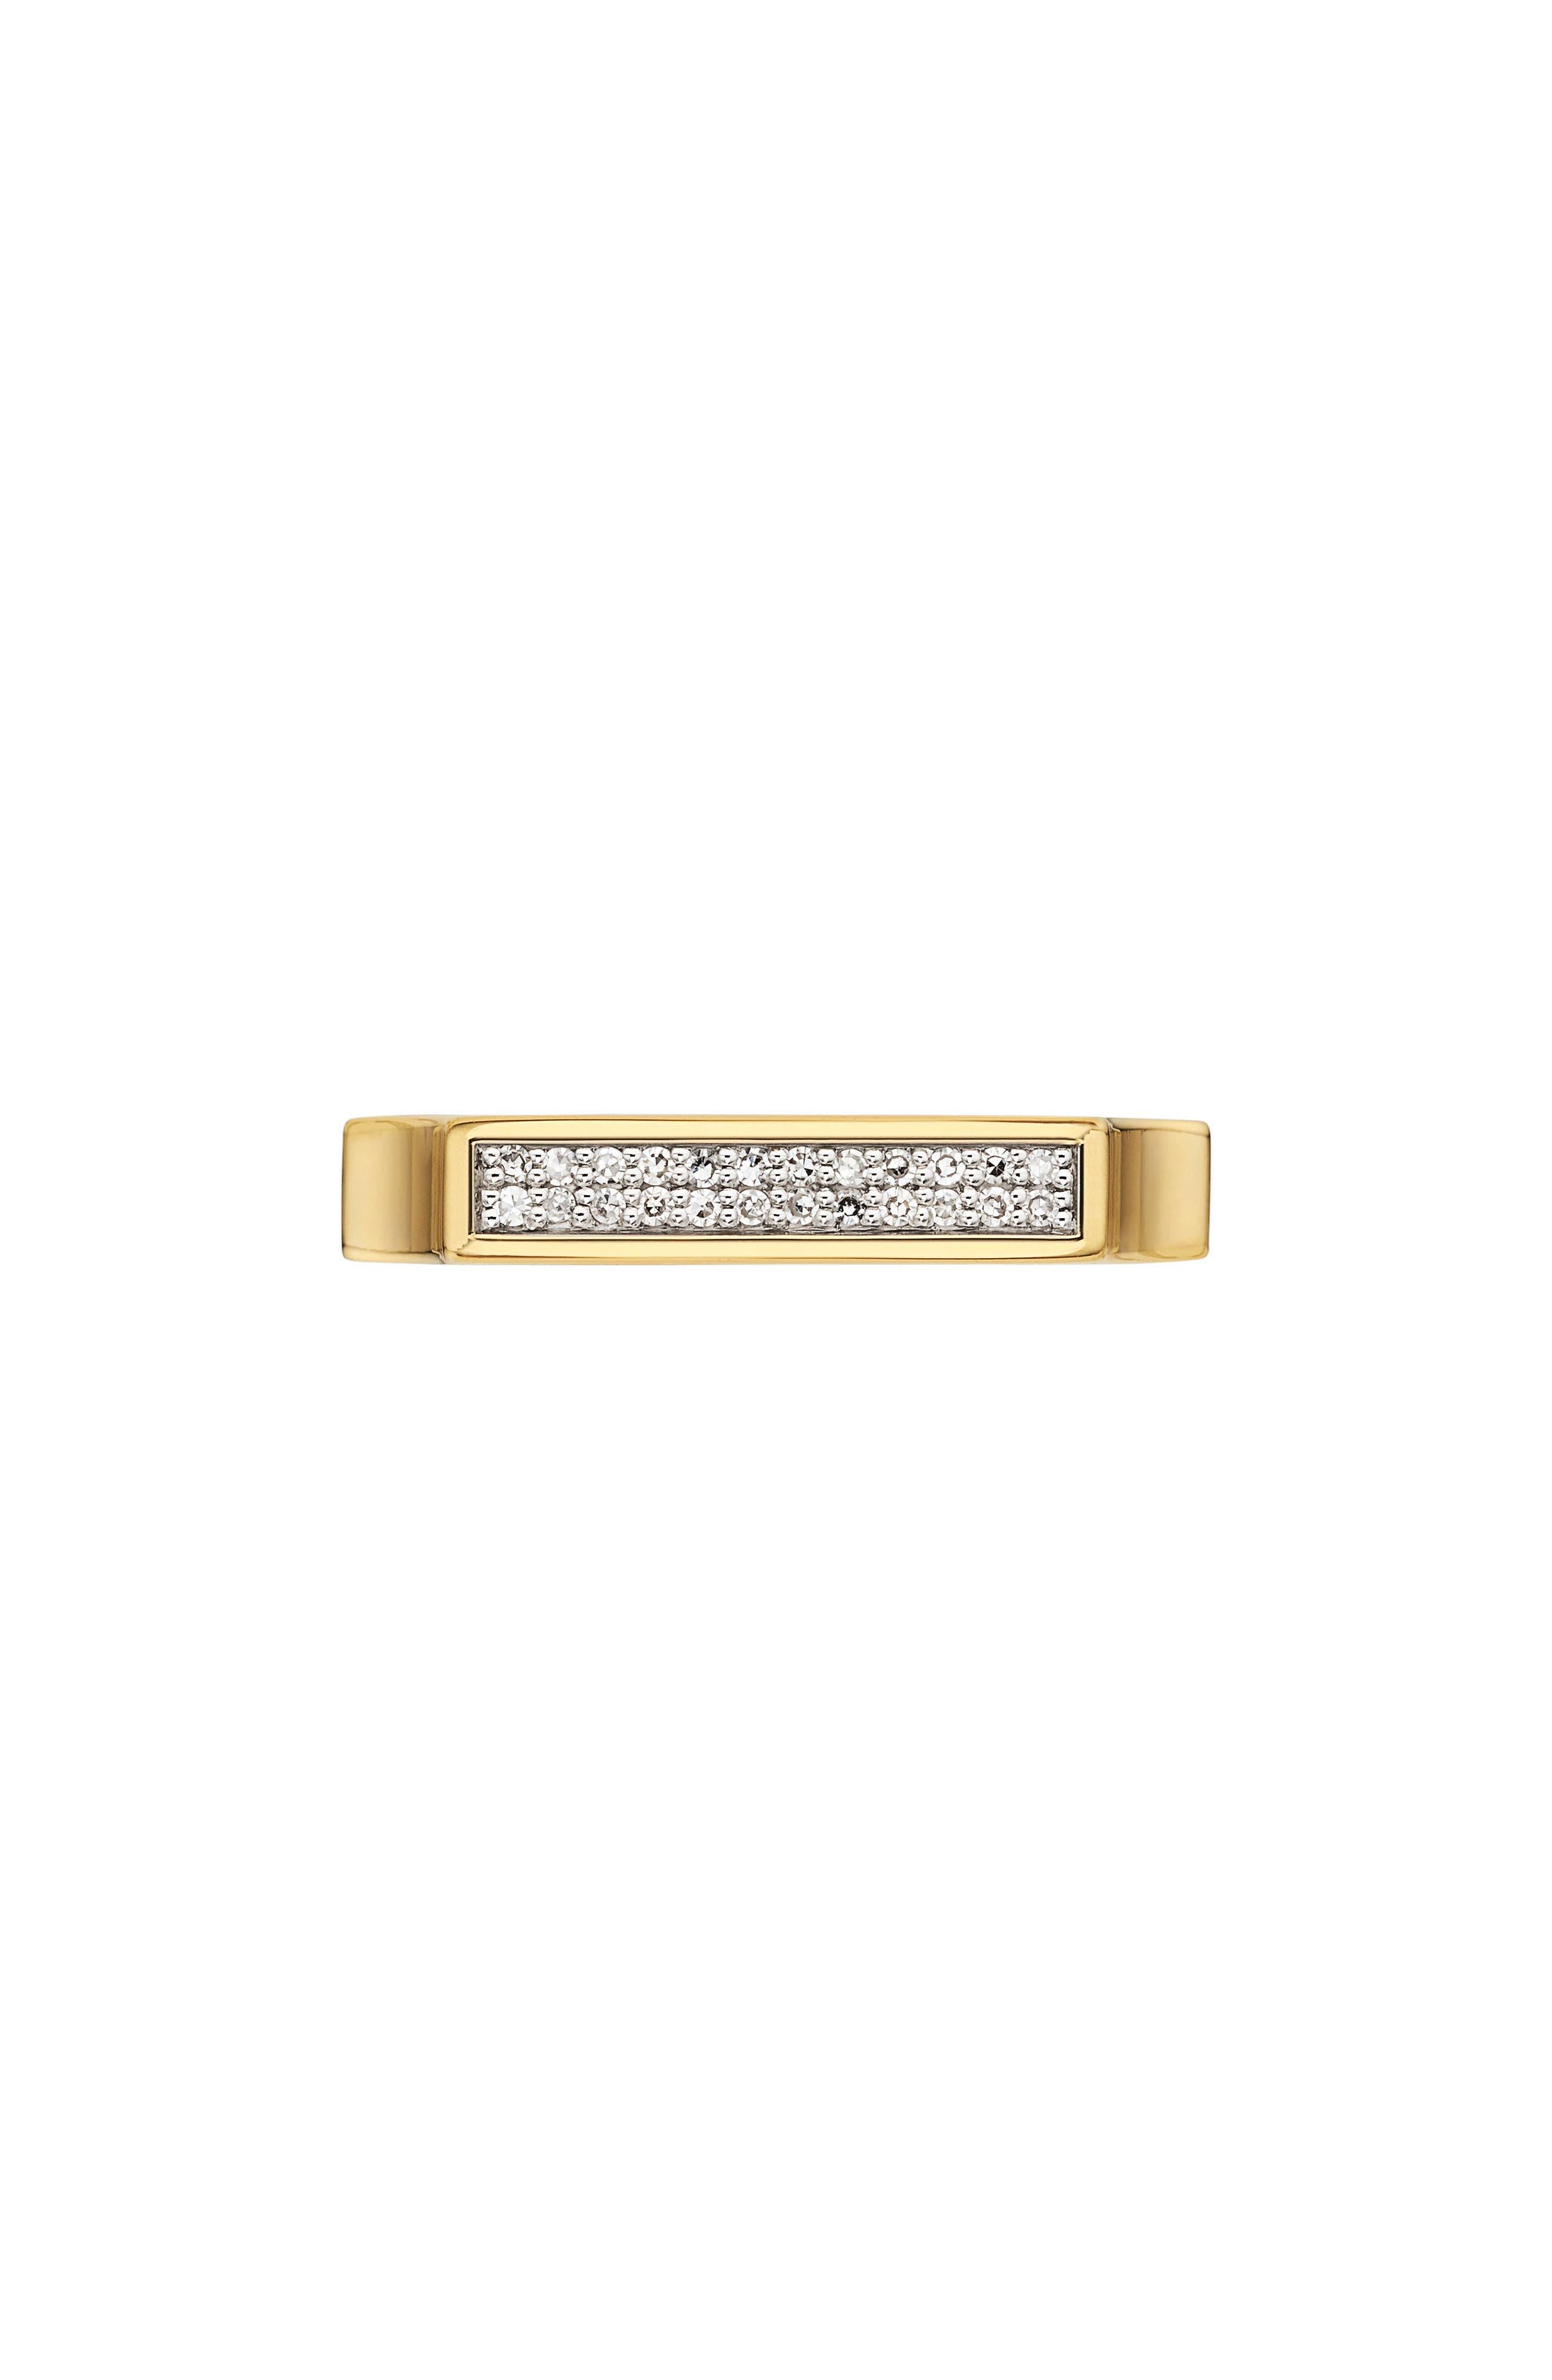 MONICA VINADER, Diamond Signature Ring, Main thumbnail 1, color, YELLOW GOLD